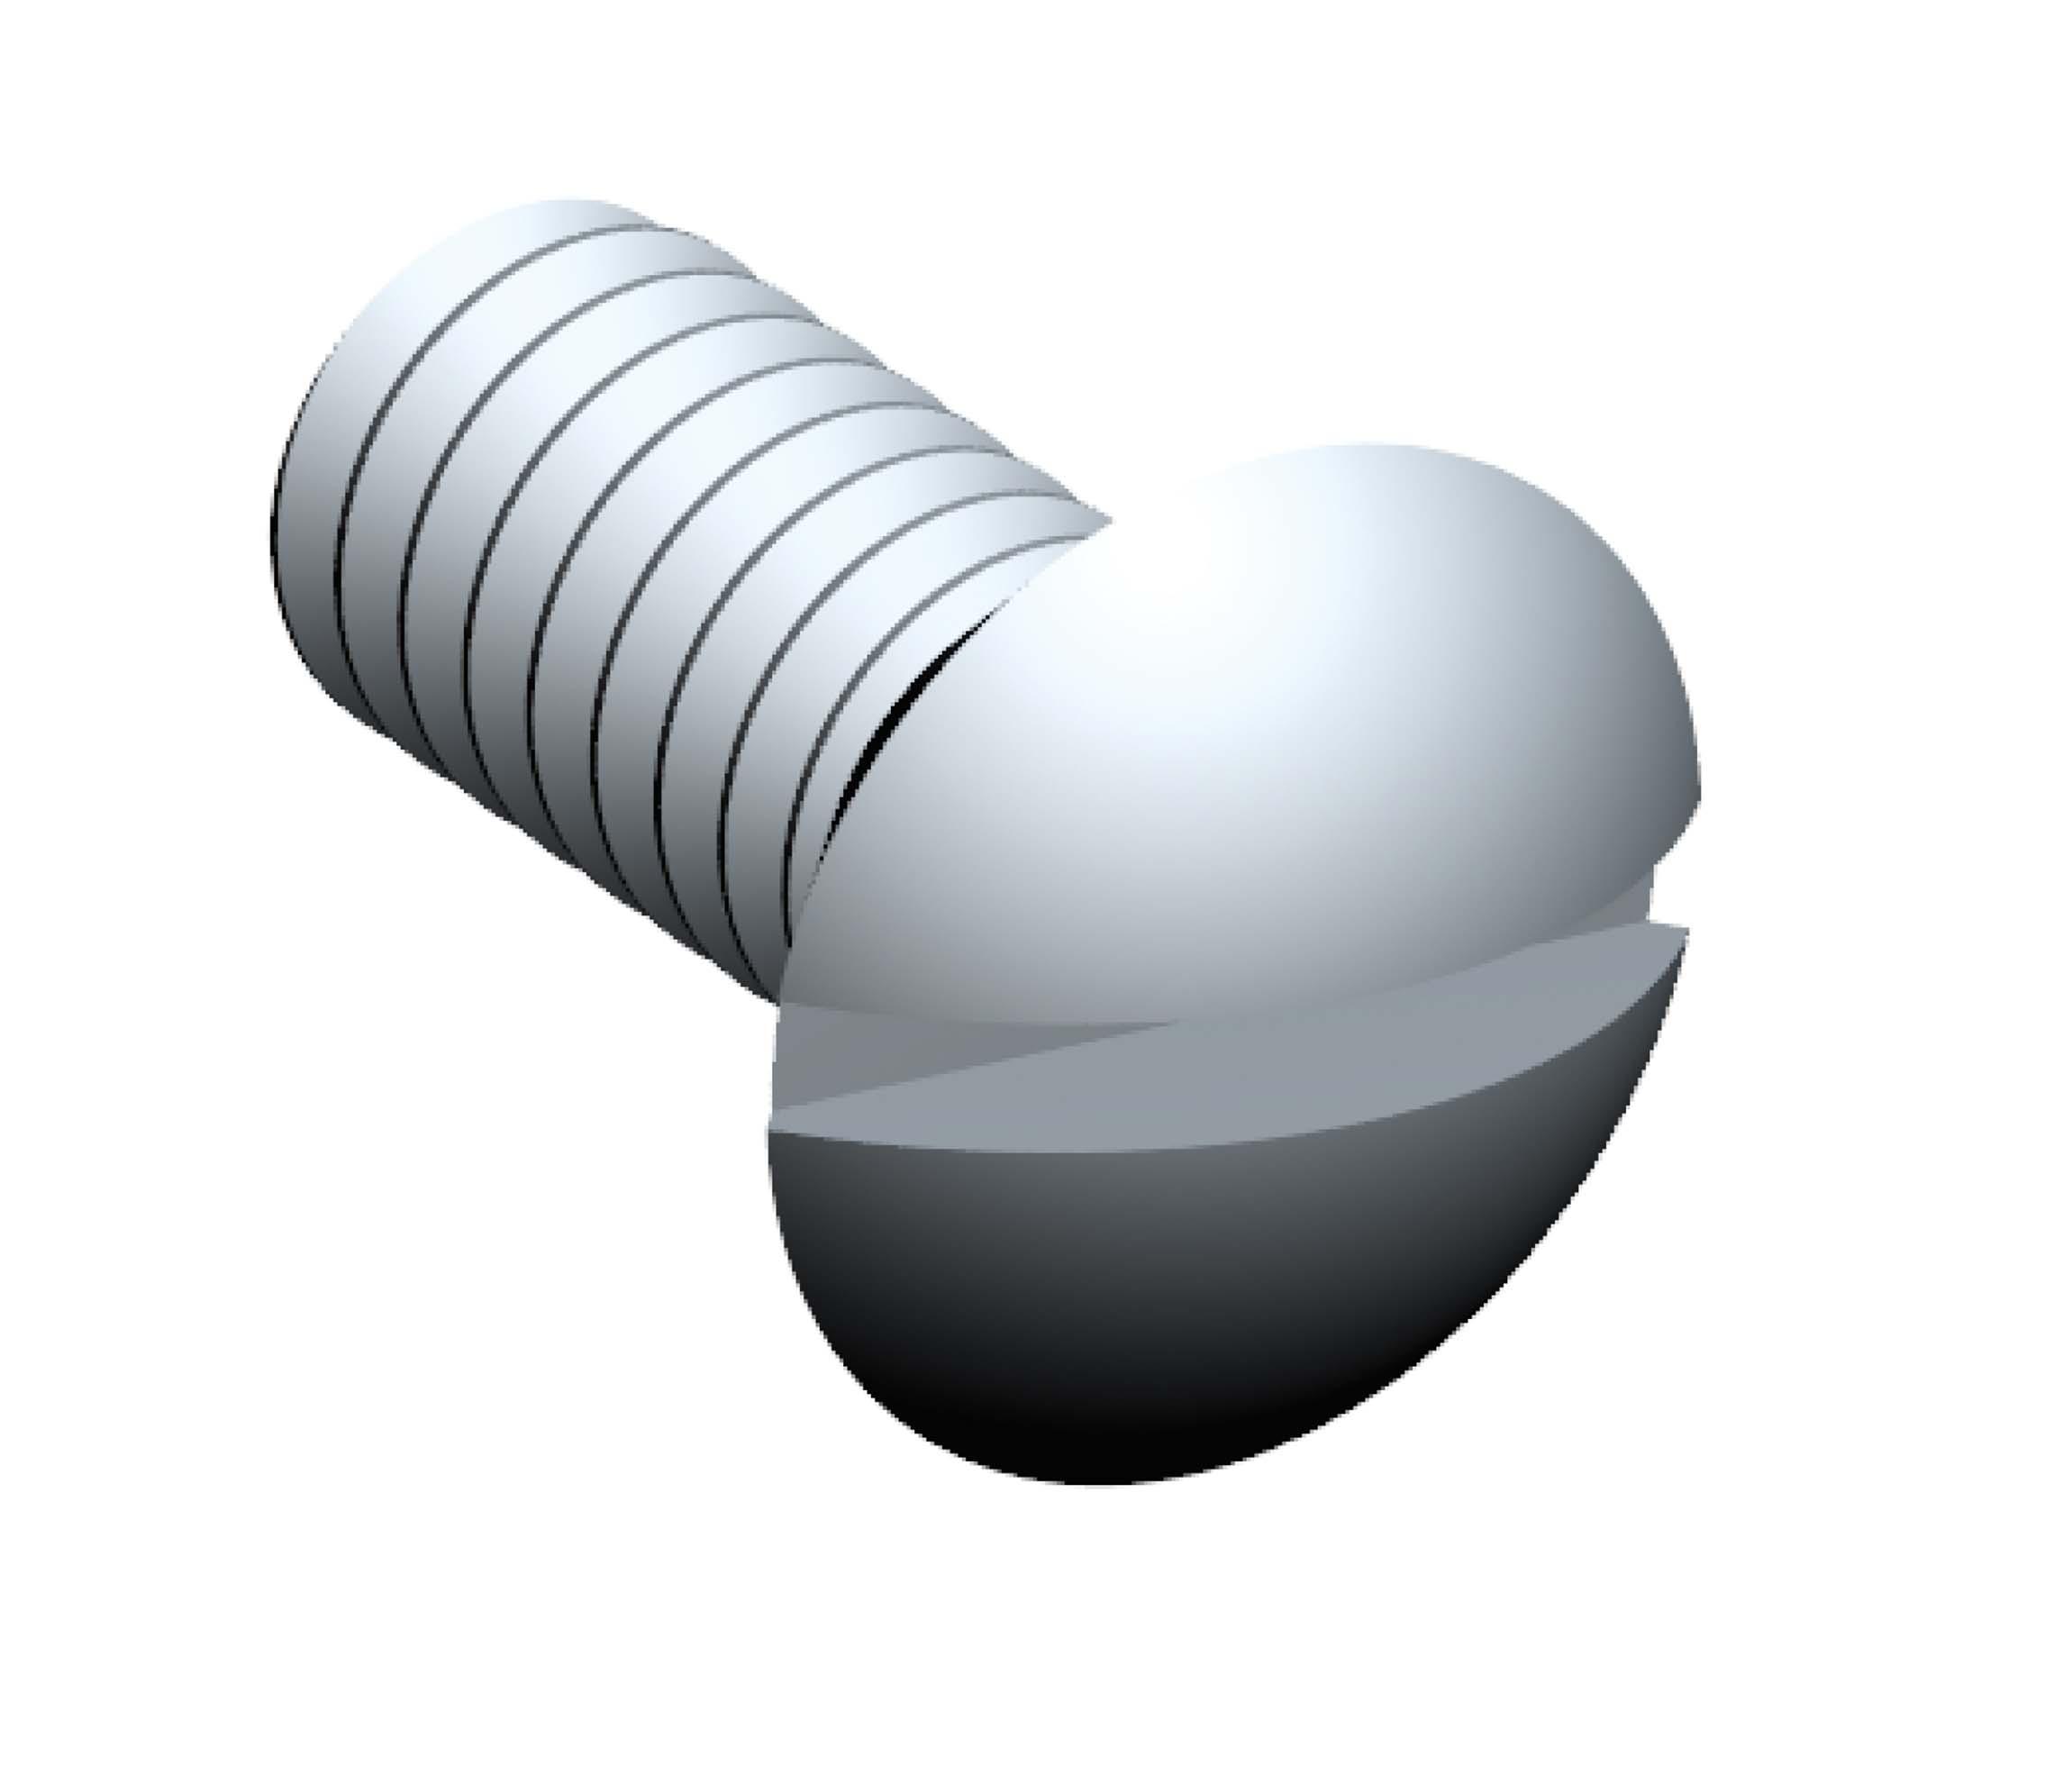 Optics Fastener Kit - 142434 slotted oval